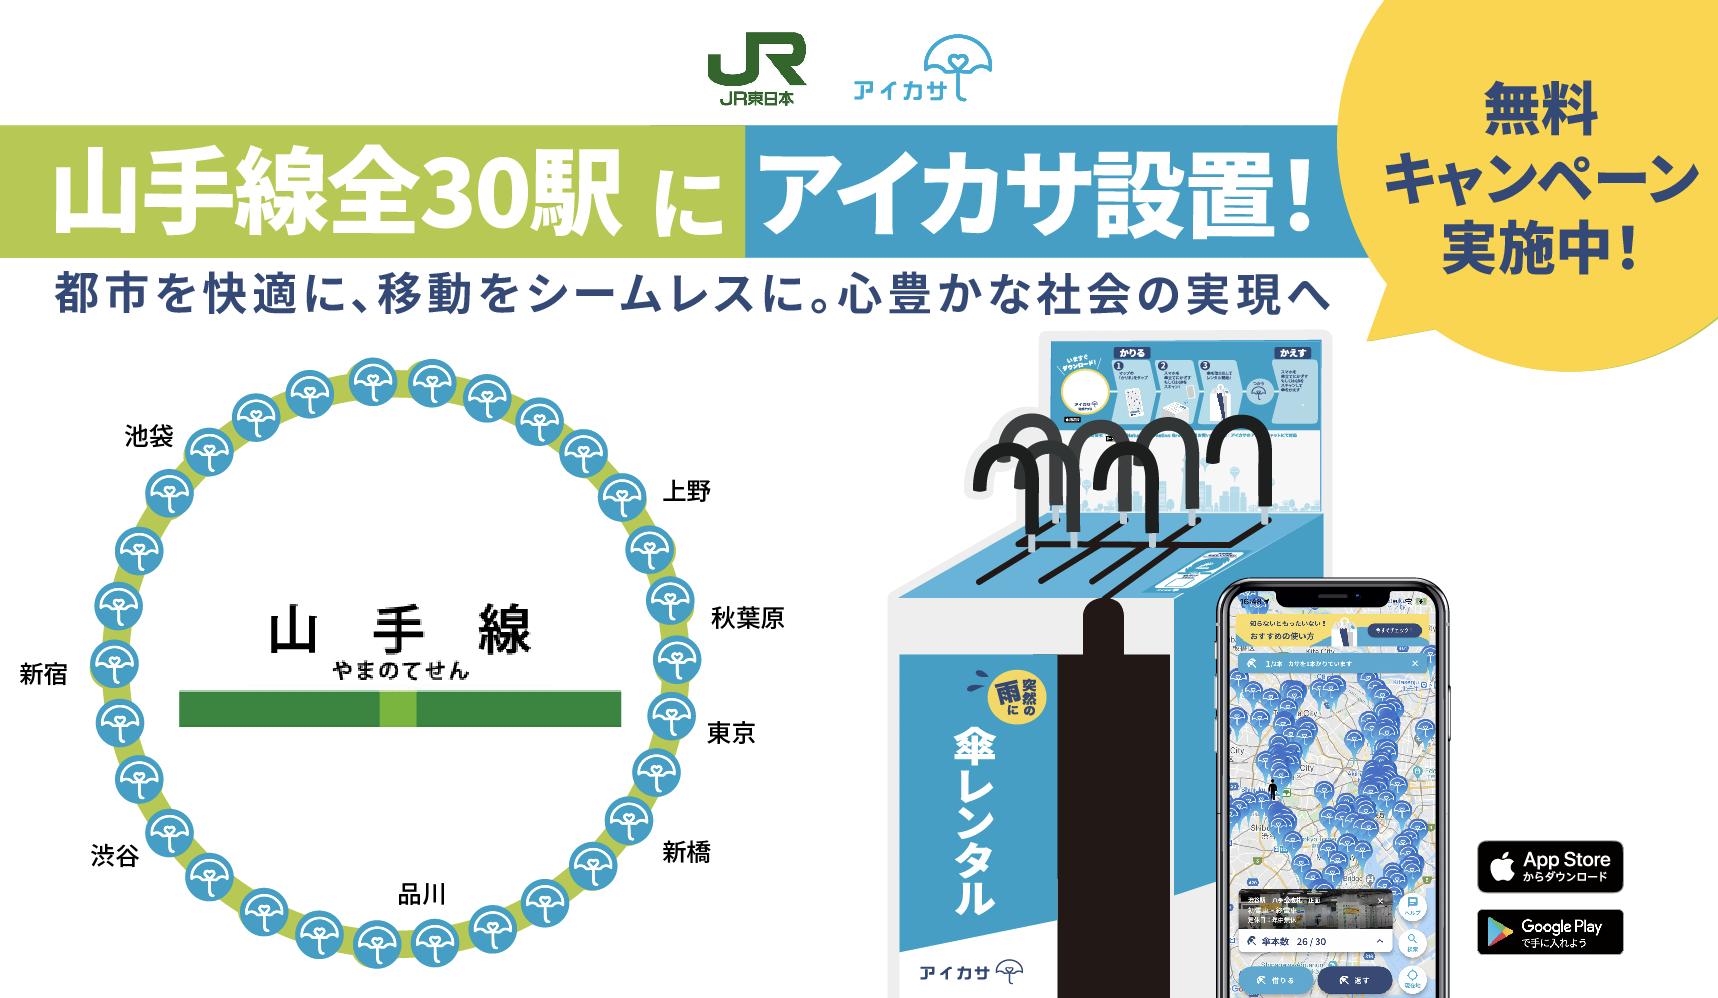 アイカサ×JR東日本グループのさらなる協業推進「傘シェアリングスポット」山手線全駅に導入